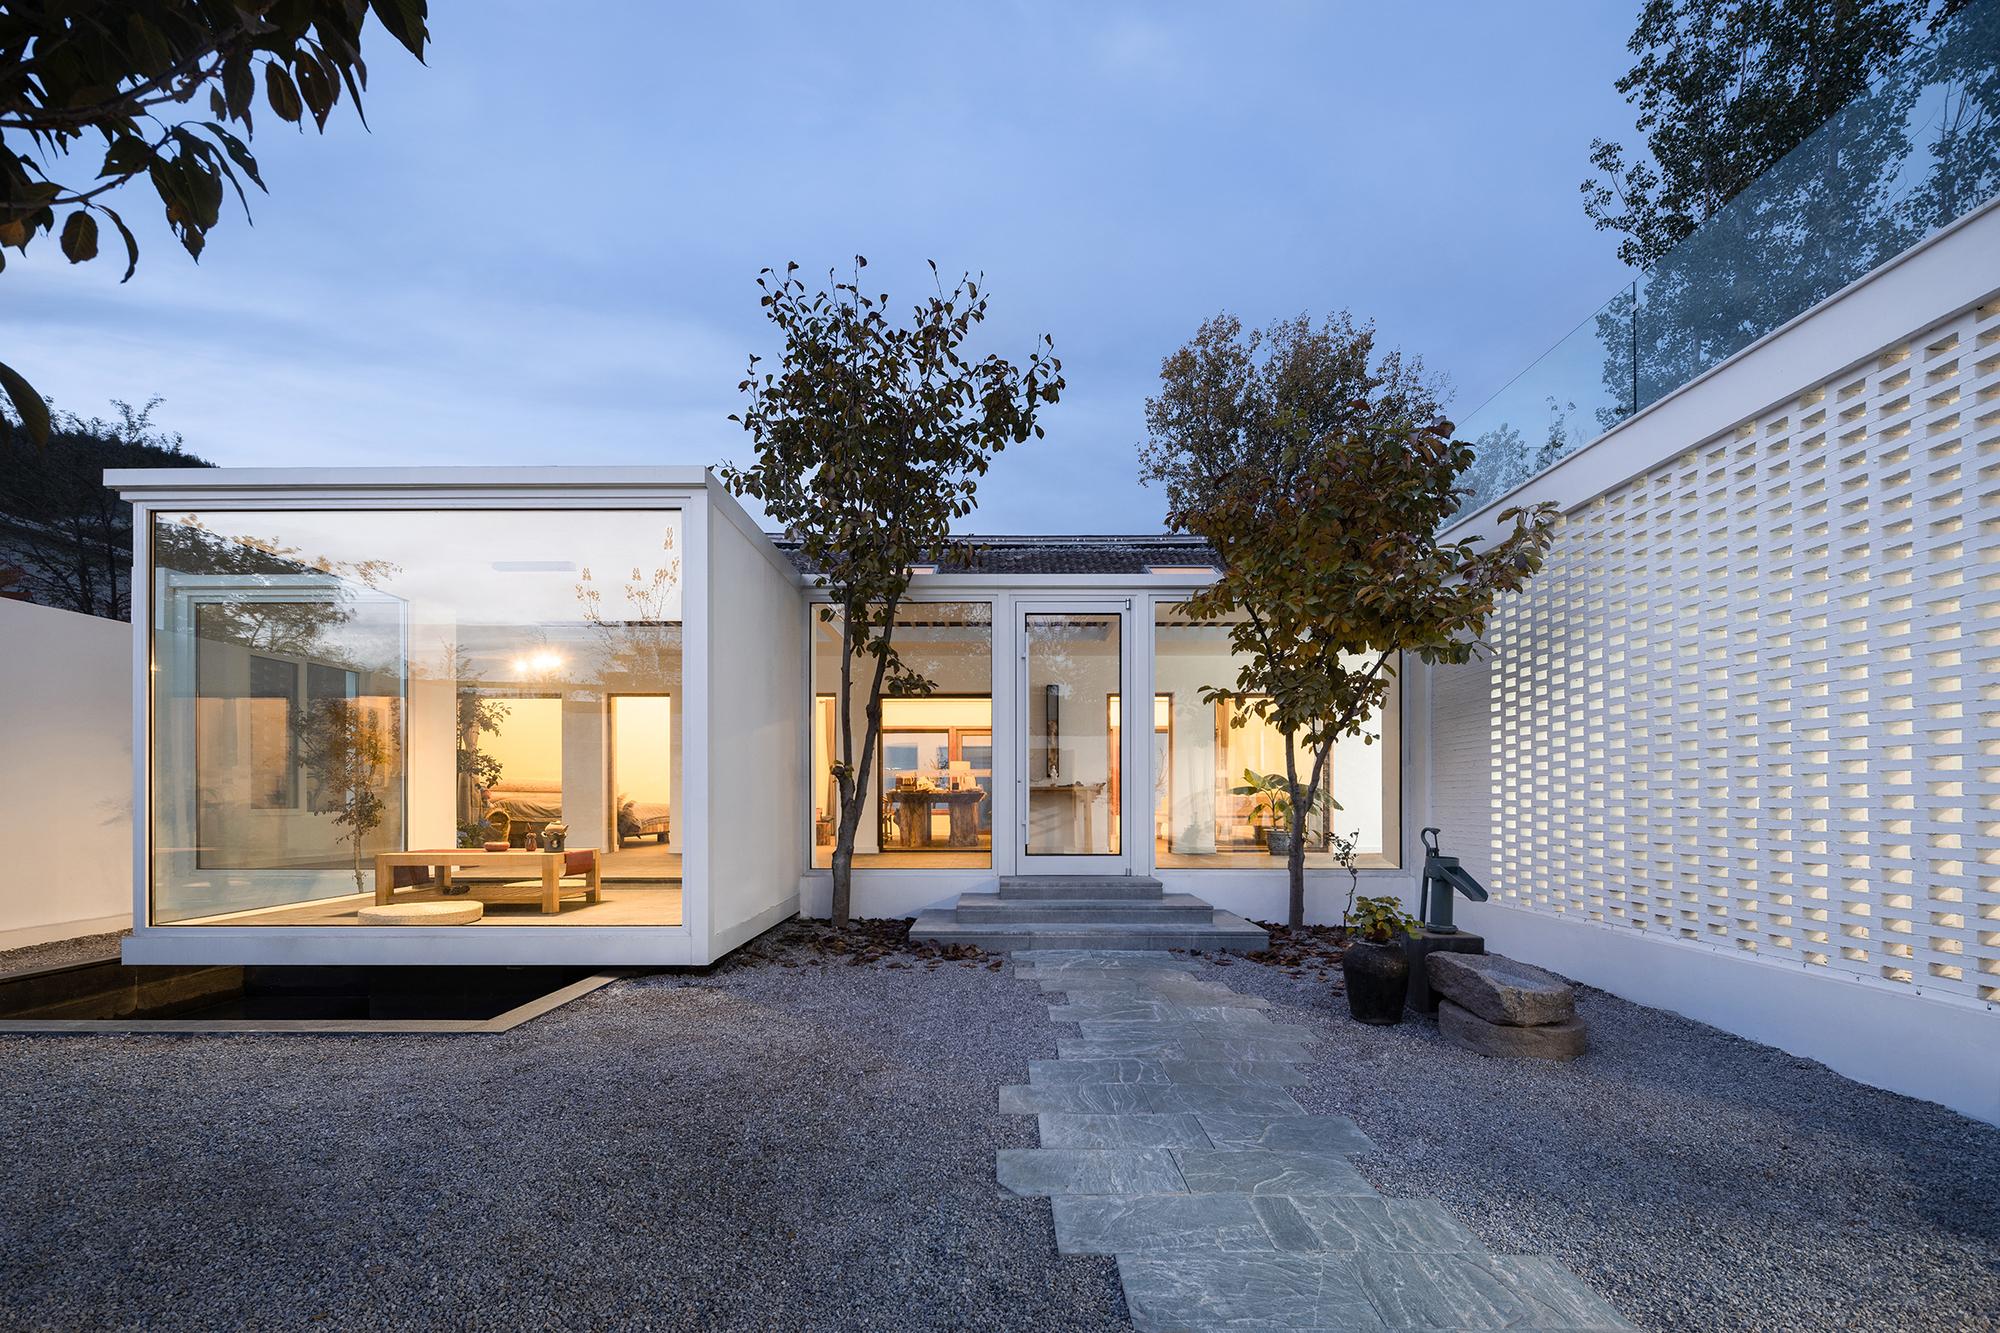 The Hillside House / UPA